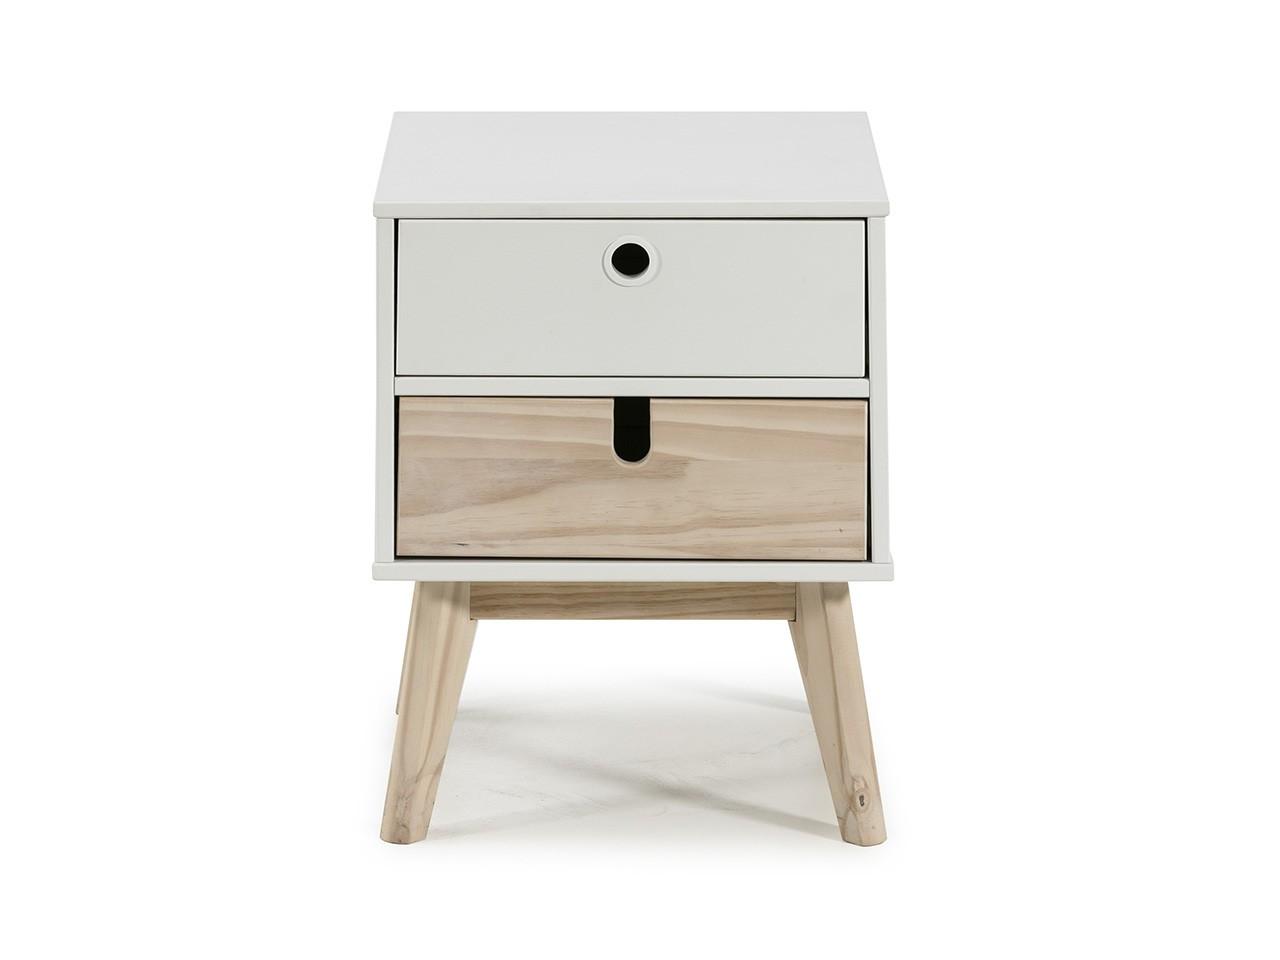 Dormitorios de Matrimonio y Dormitorios Baratos Modernos Dicoro